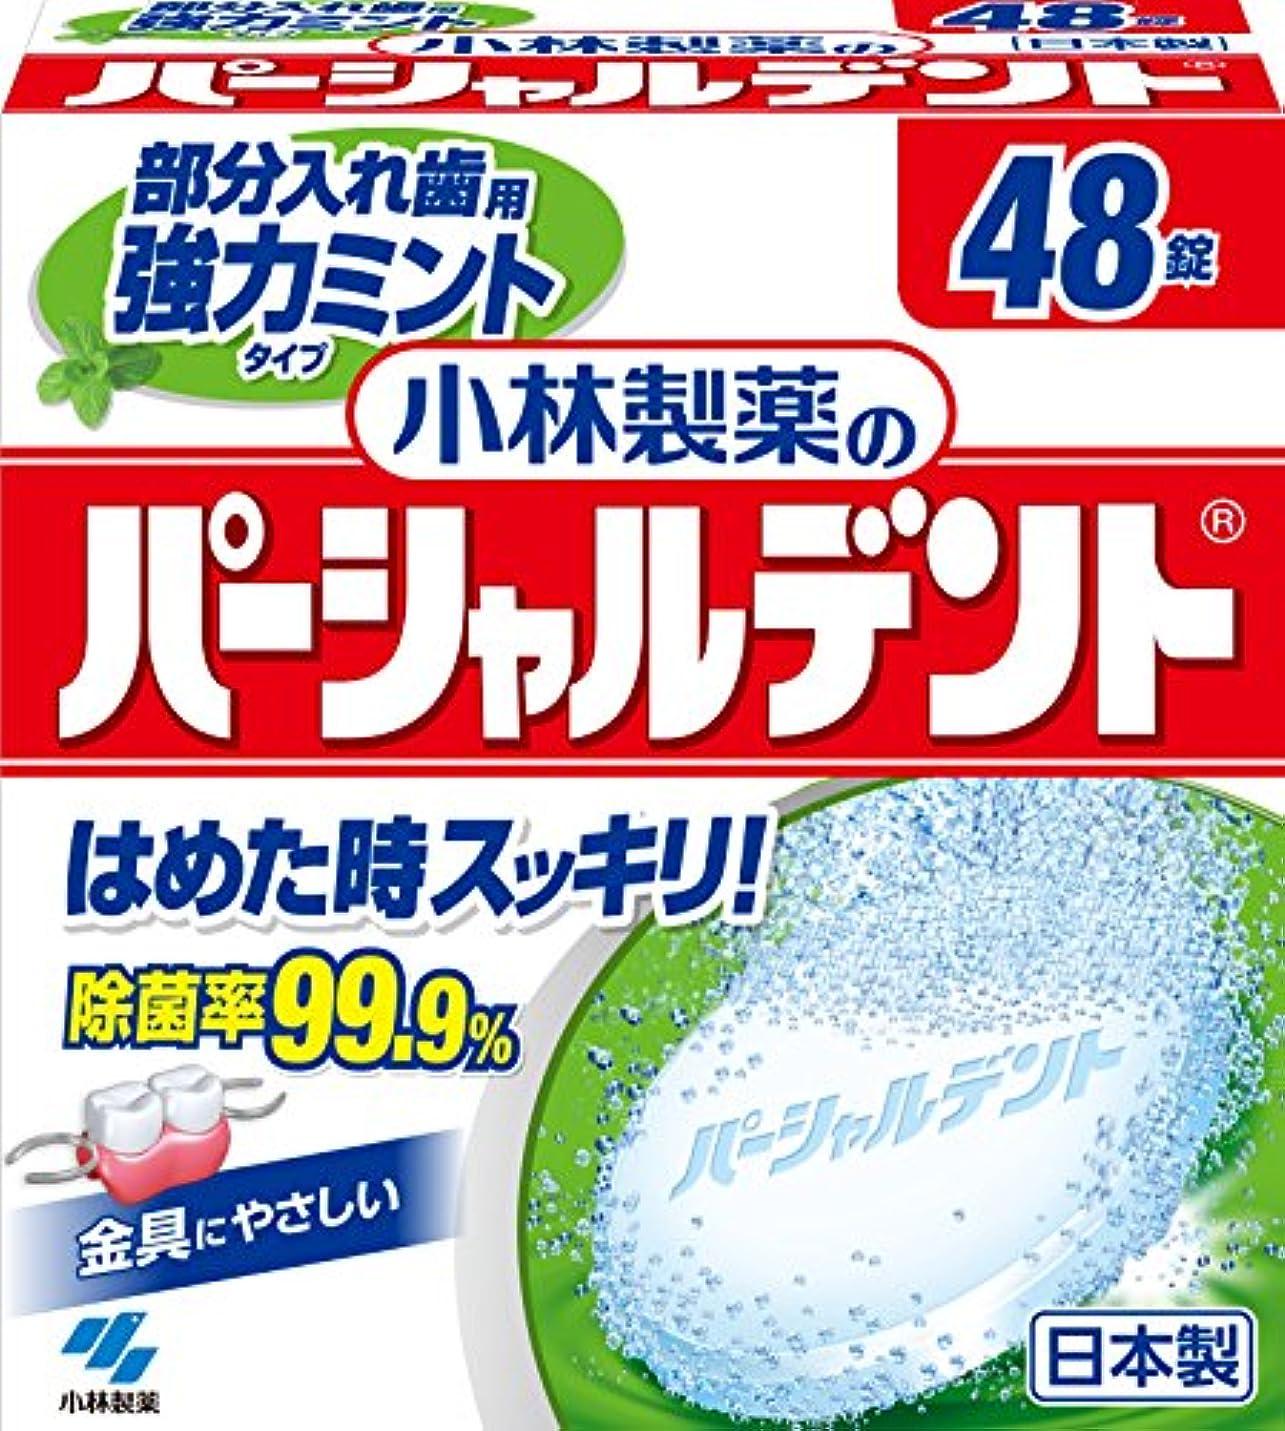 パール誕生エラー小林製薬のパーシャルデント強力ミント 部分入れ歯用 洗浄剤 ミントの香り 48錠